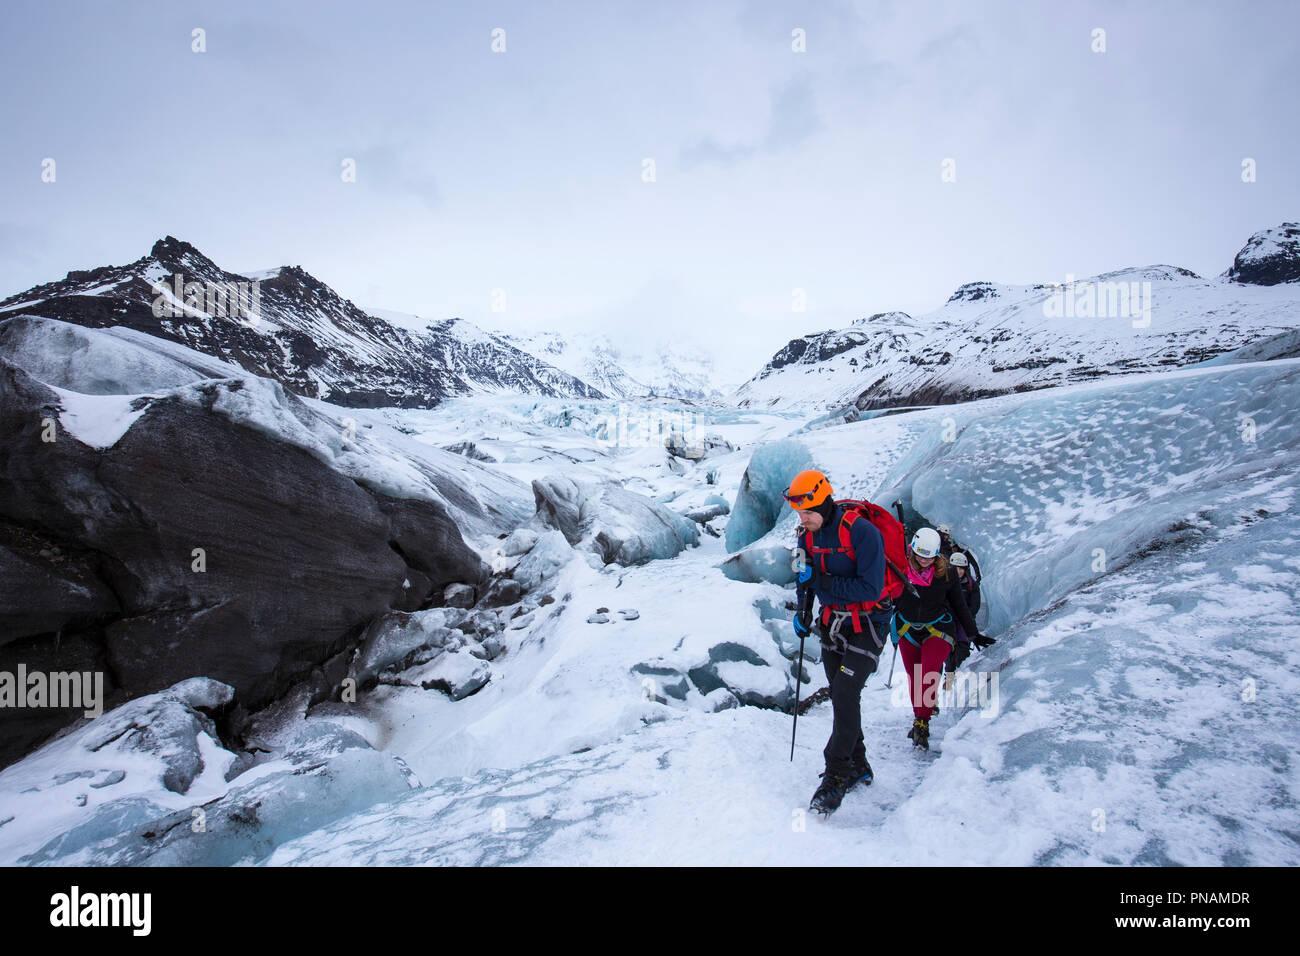 Tourists wearing protective clothing for glacier hike on Svinafellsjokull glacier an outlet glacier of Vatnajokull, South Iceland - Stock Image